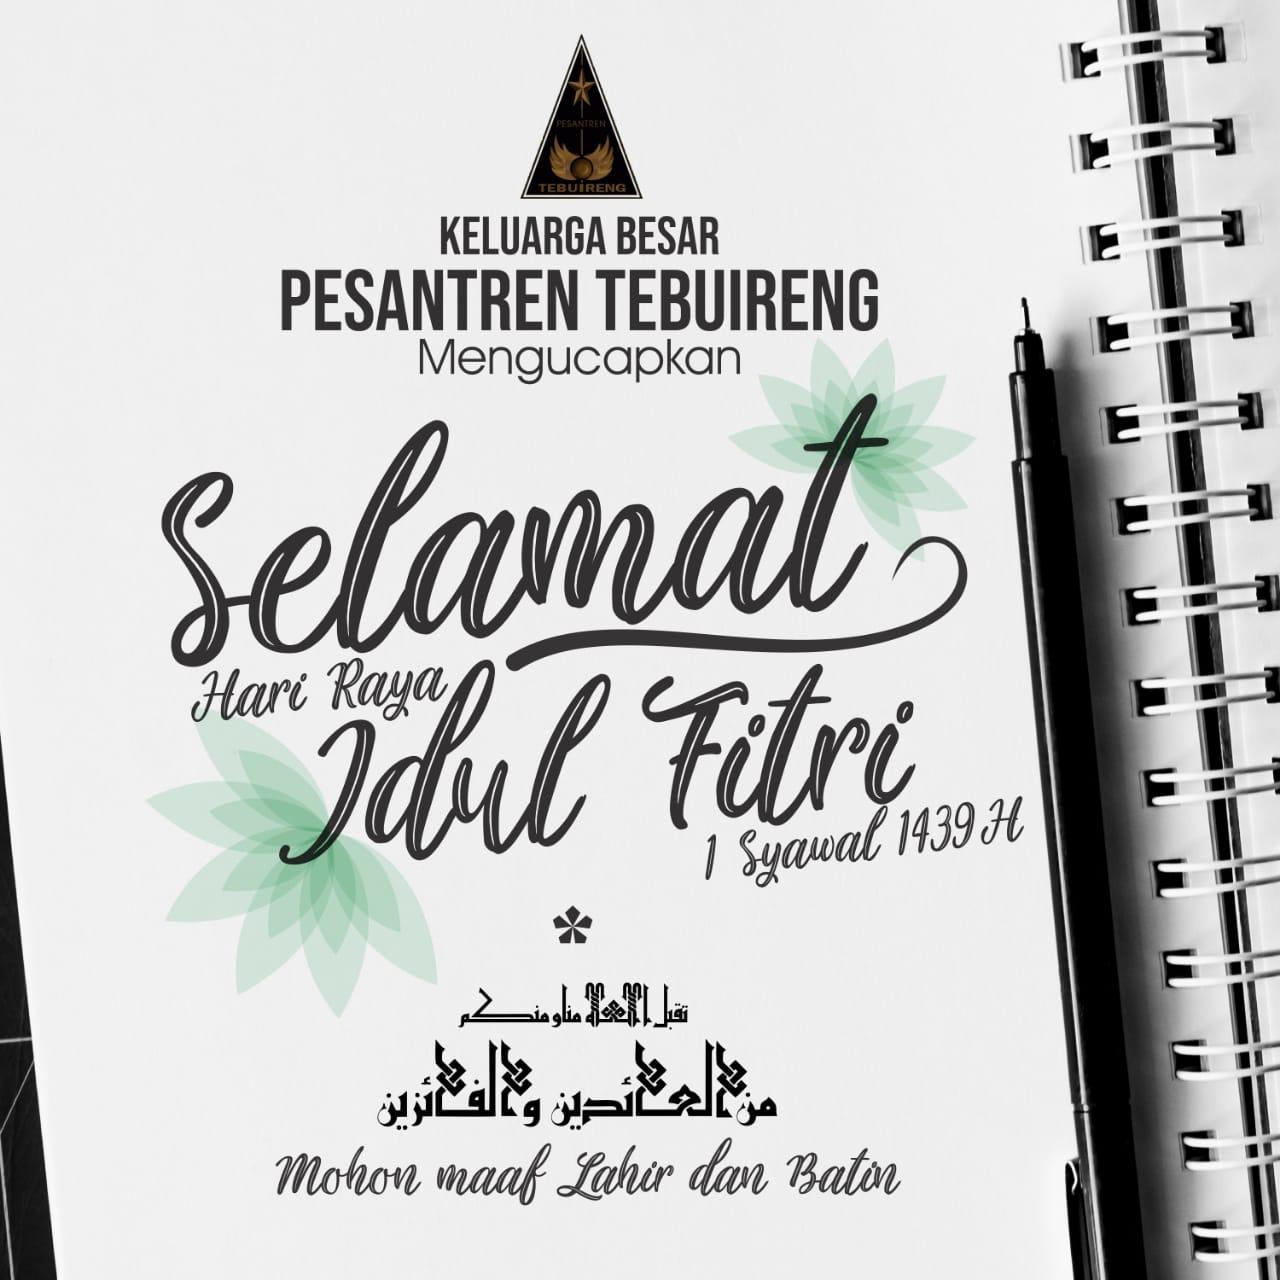 Selamat Hari Raya Idul Fitri: Selamat Hari Raya Idul Fitri 1439 H. Mohon Maaf Lahir